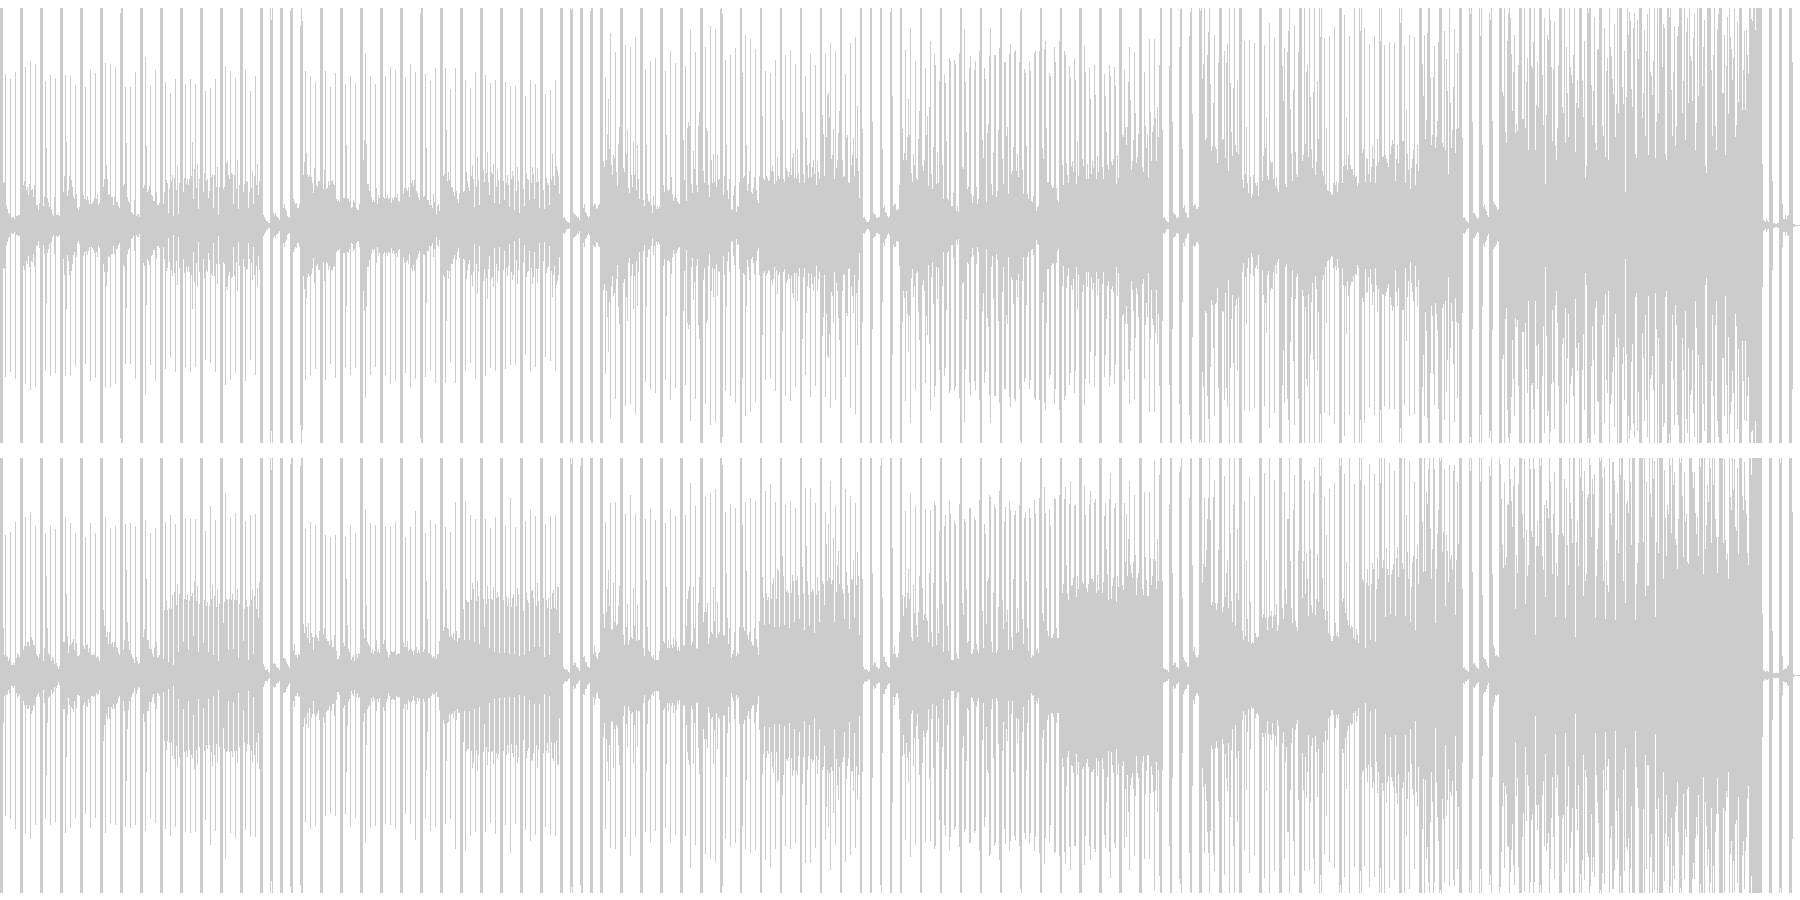 心音と時計で高まる期待感のあるBGMの未再生の波形